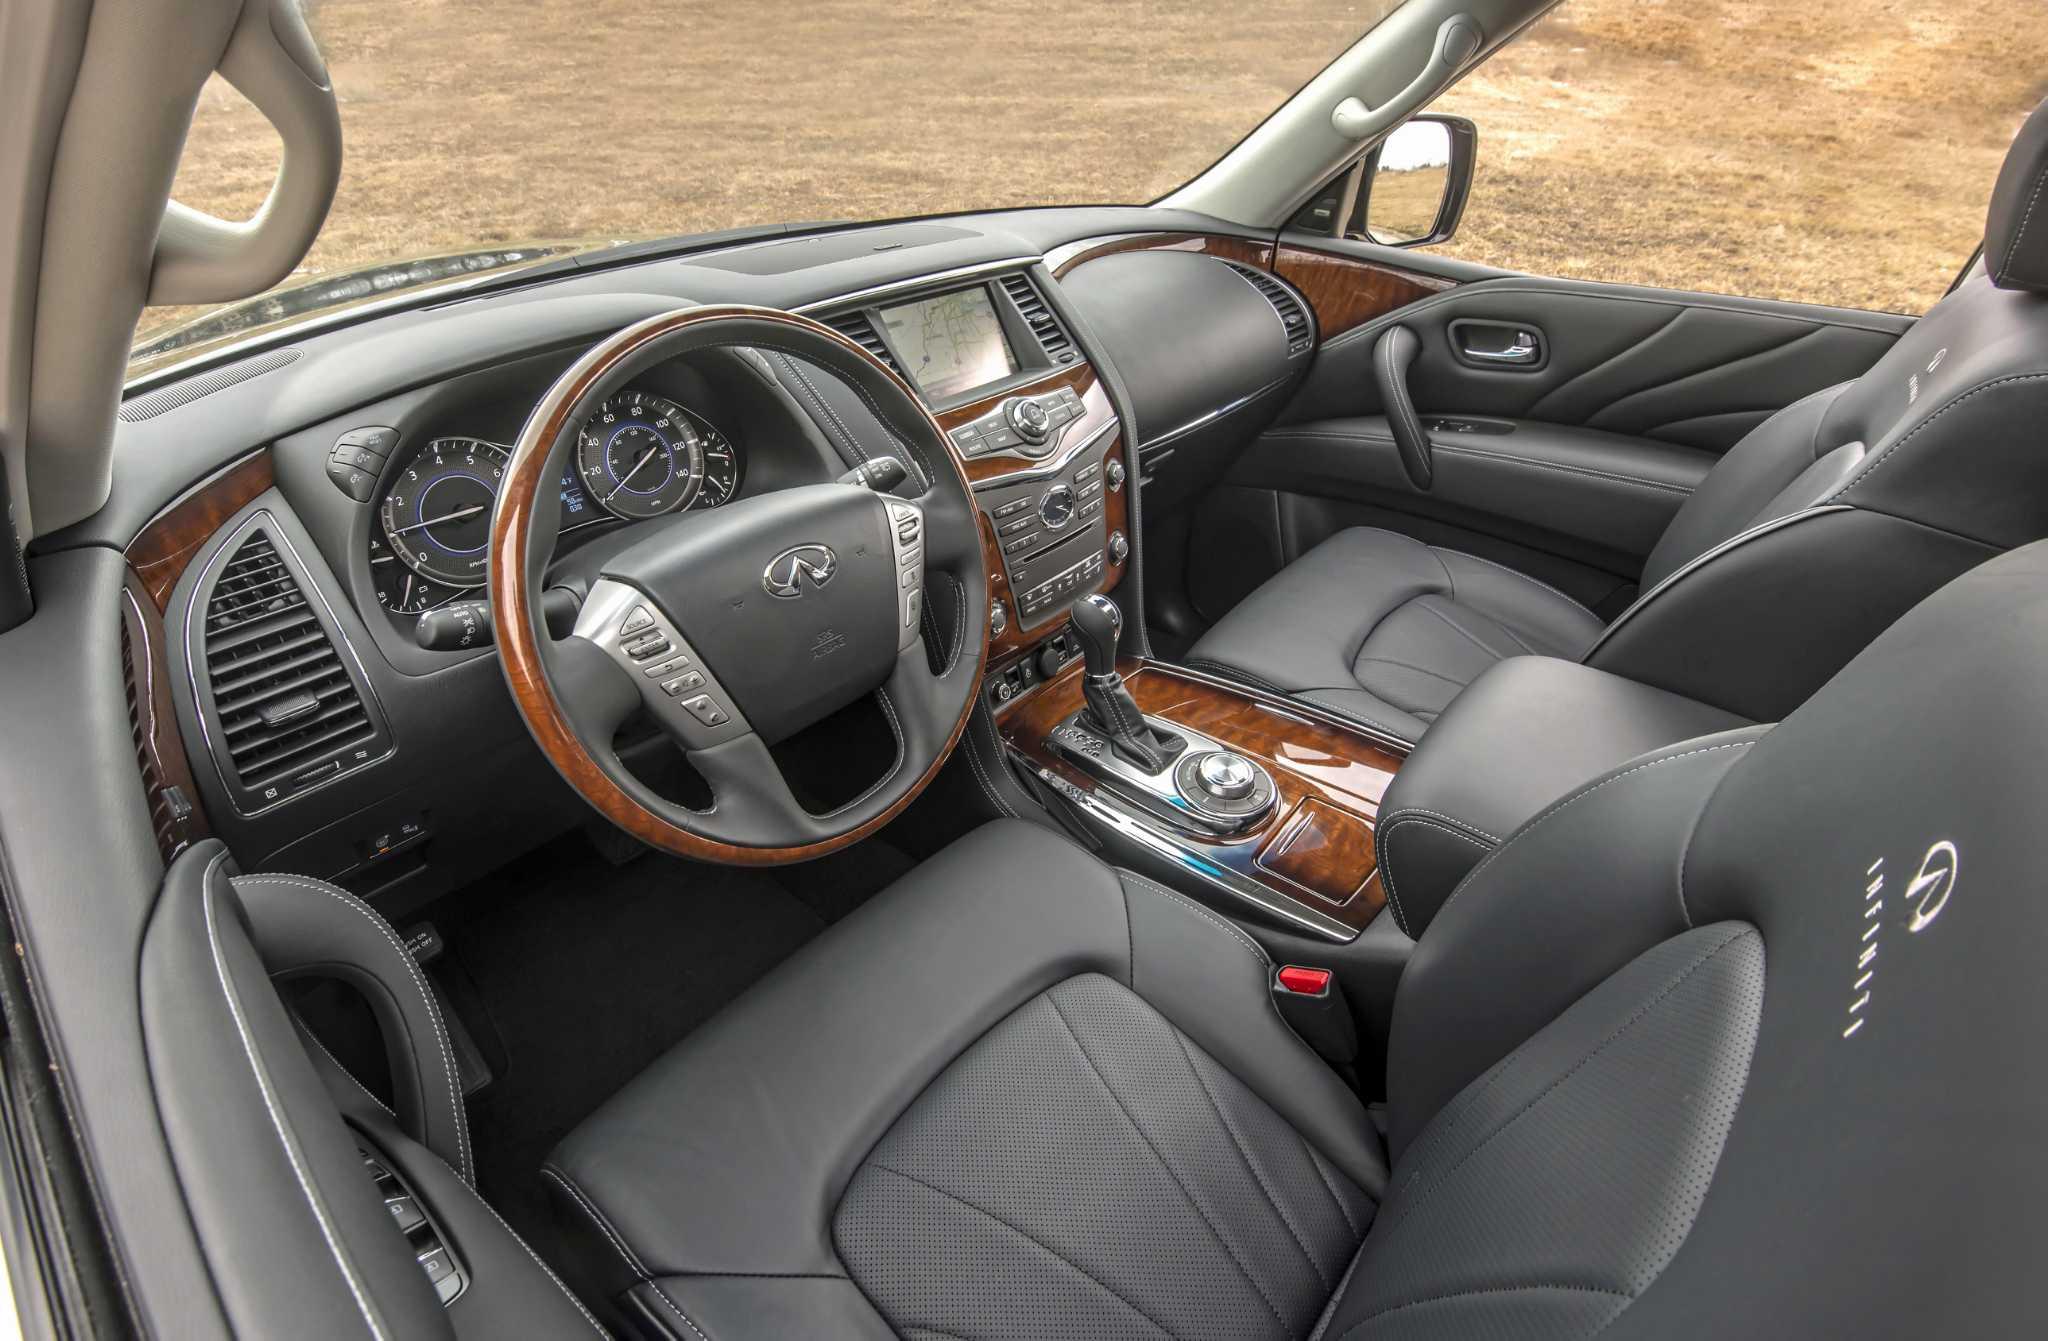 Infiniti's QX80 full-size luxury SUV exudes elegance